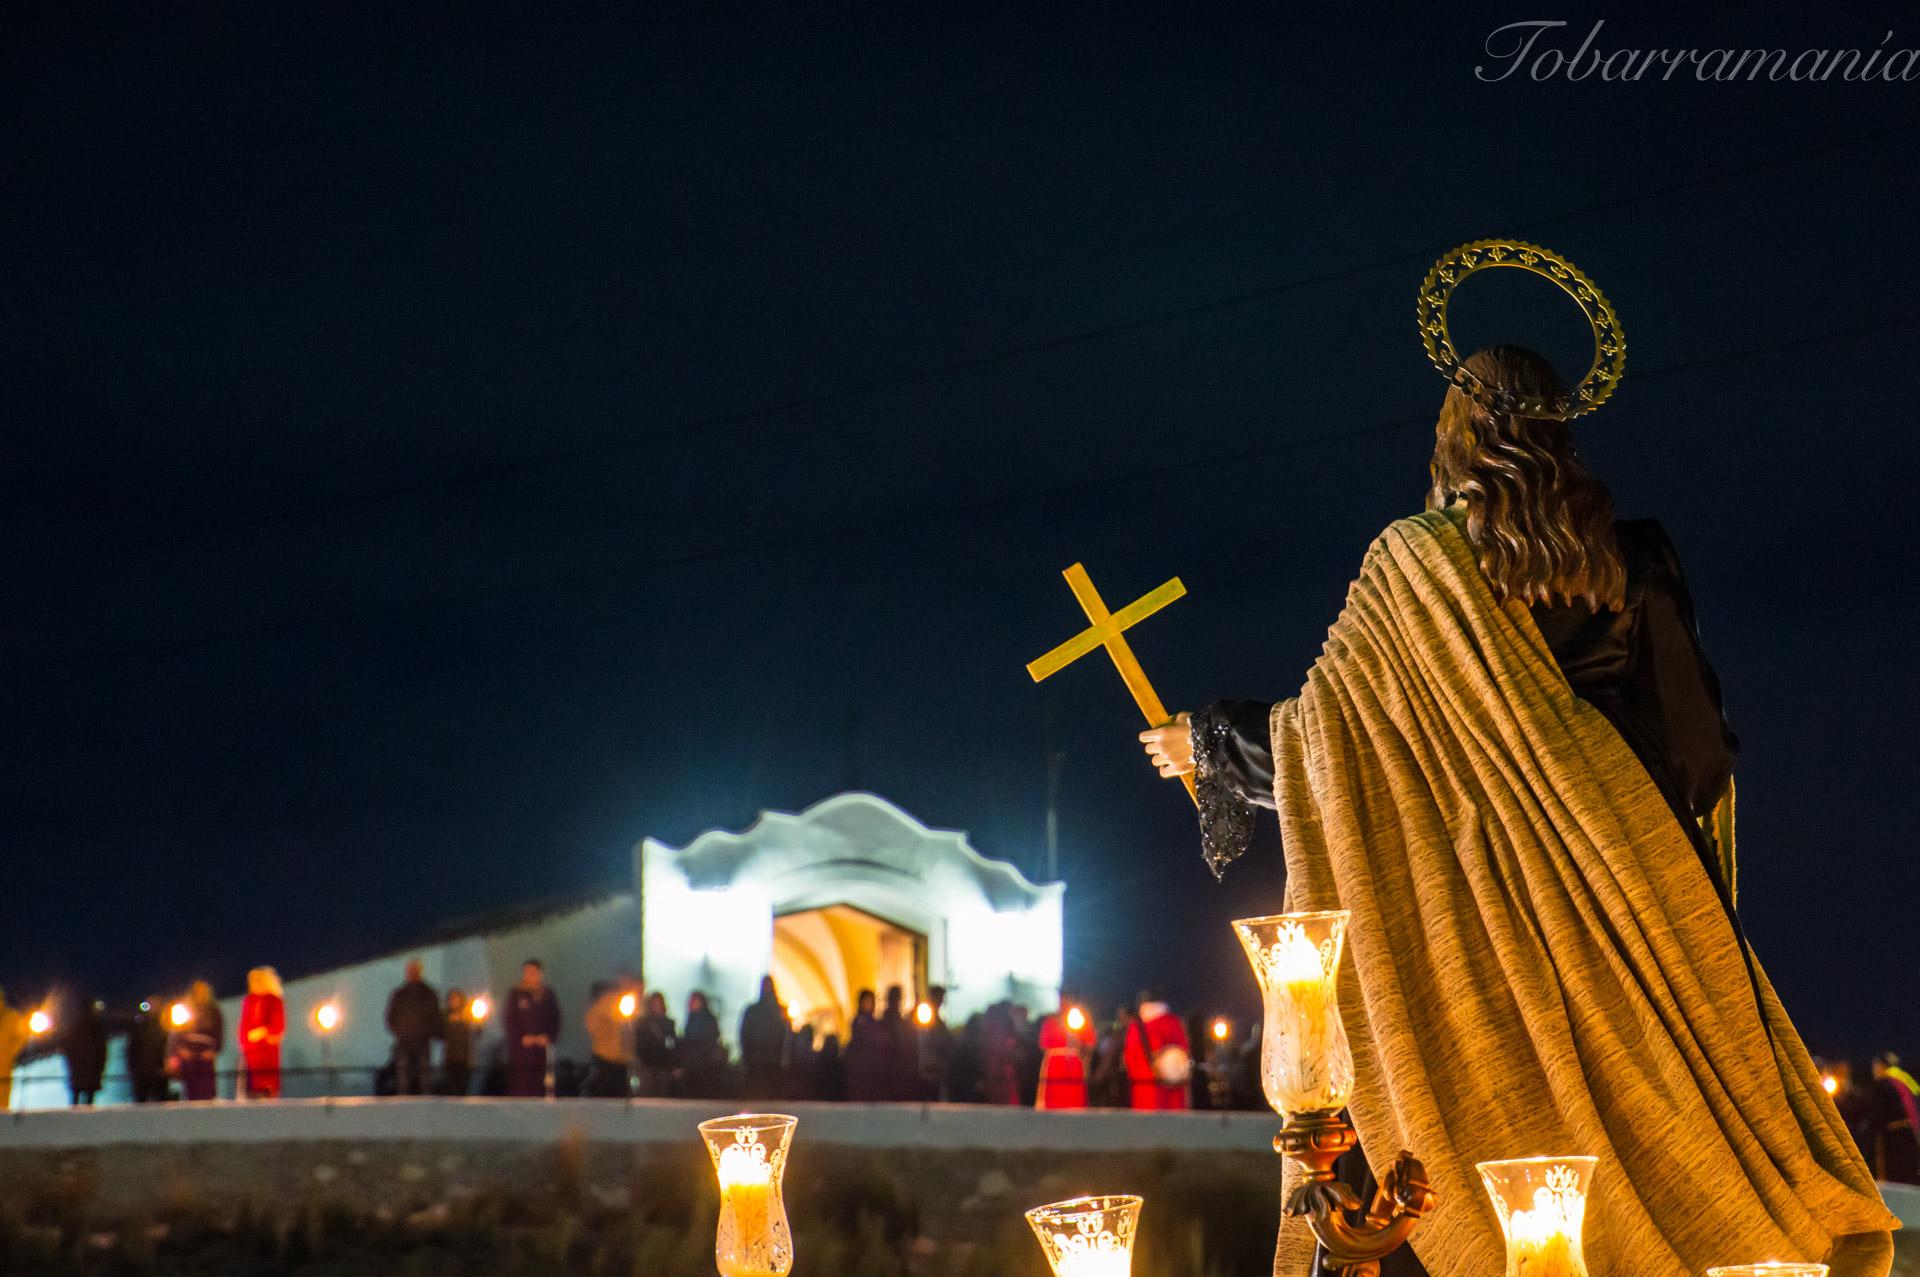 santa maría magdalena tobarra procesion del entierro monte calvario